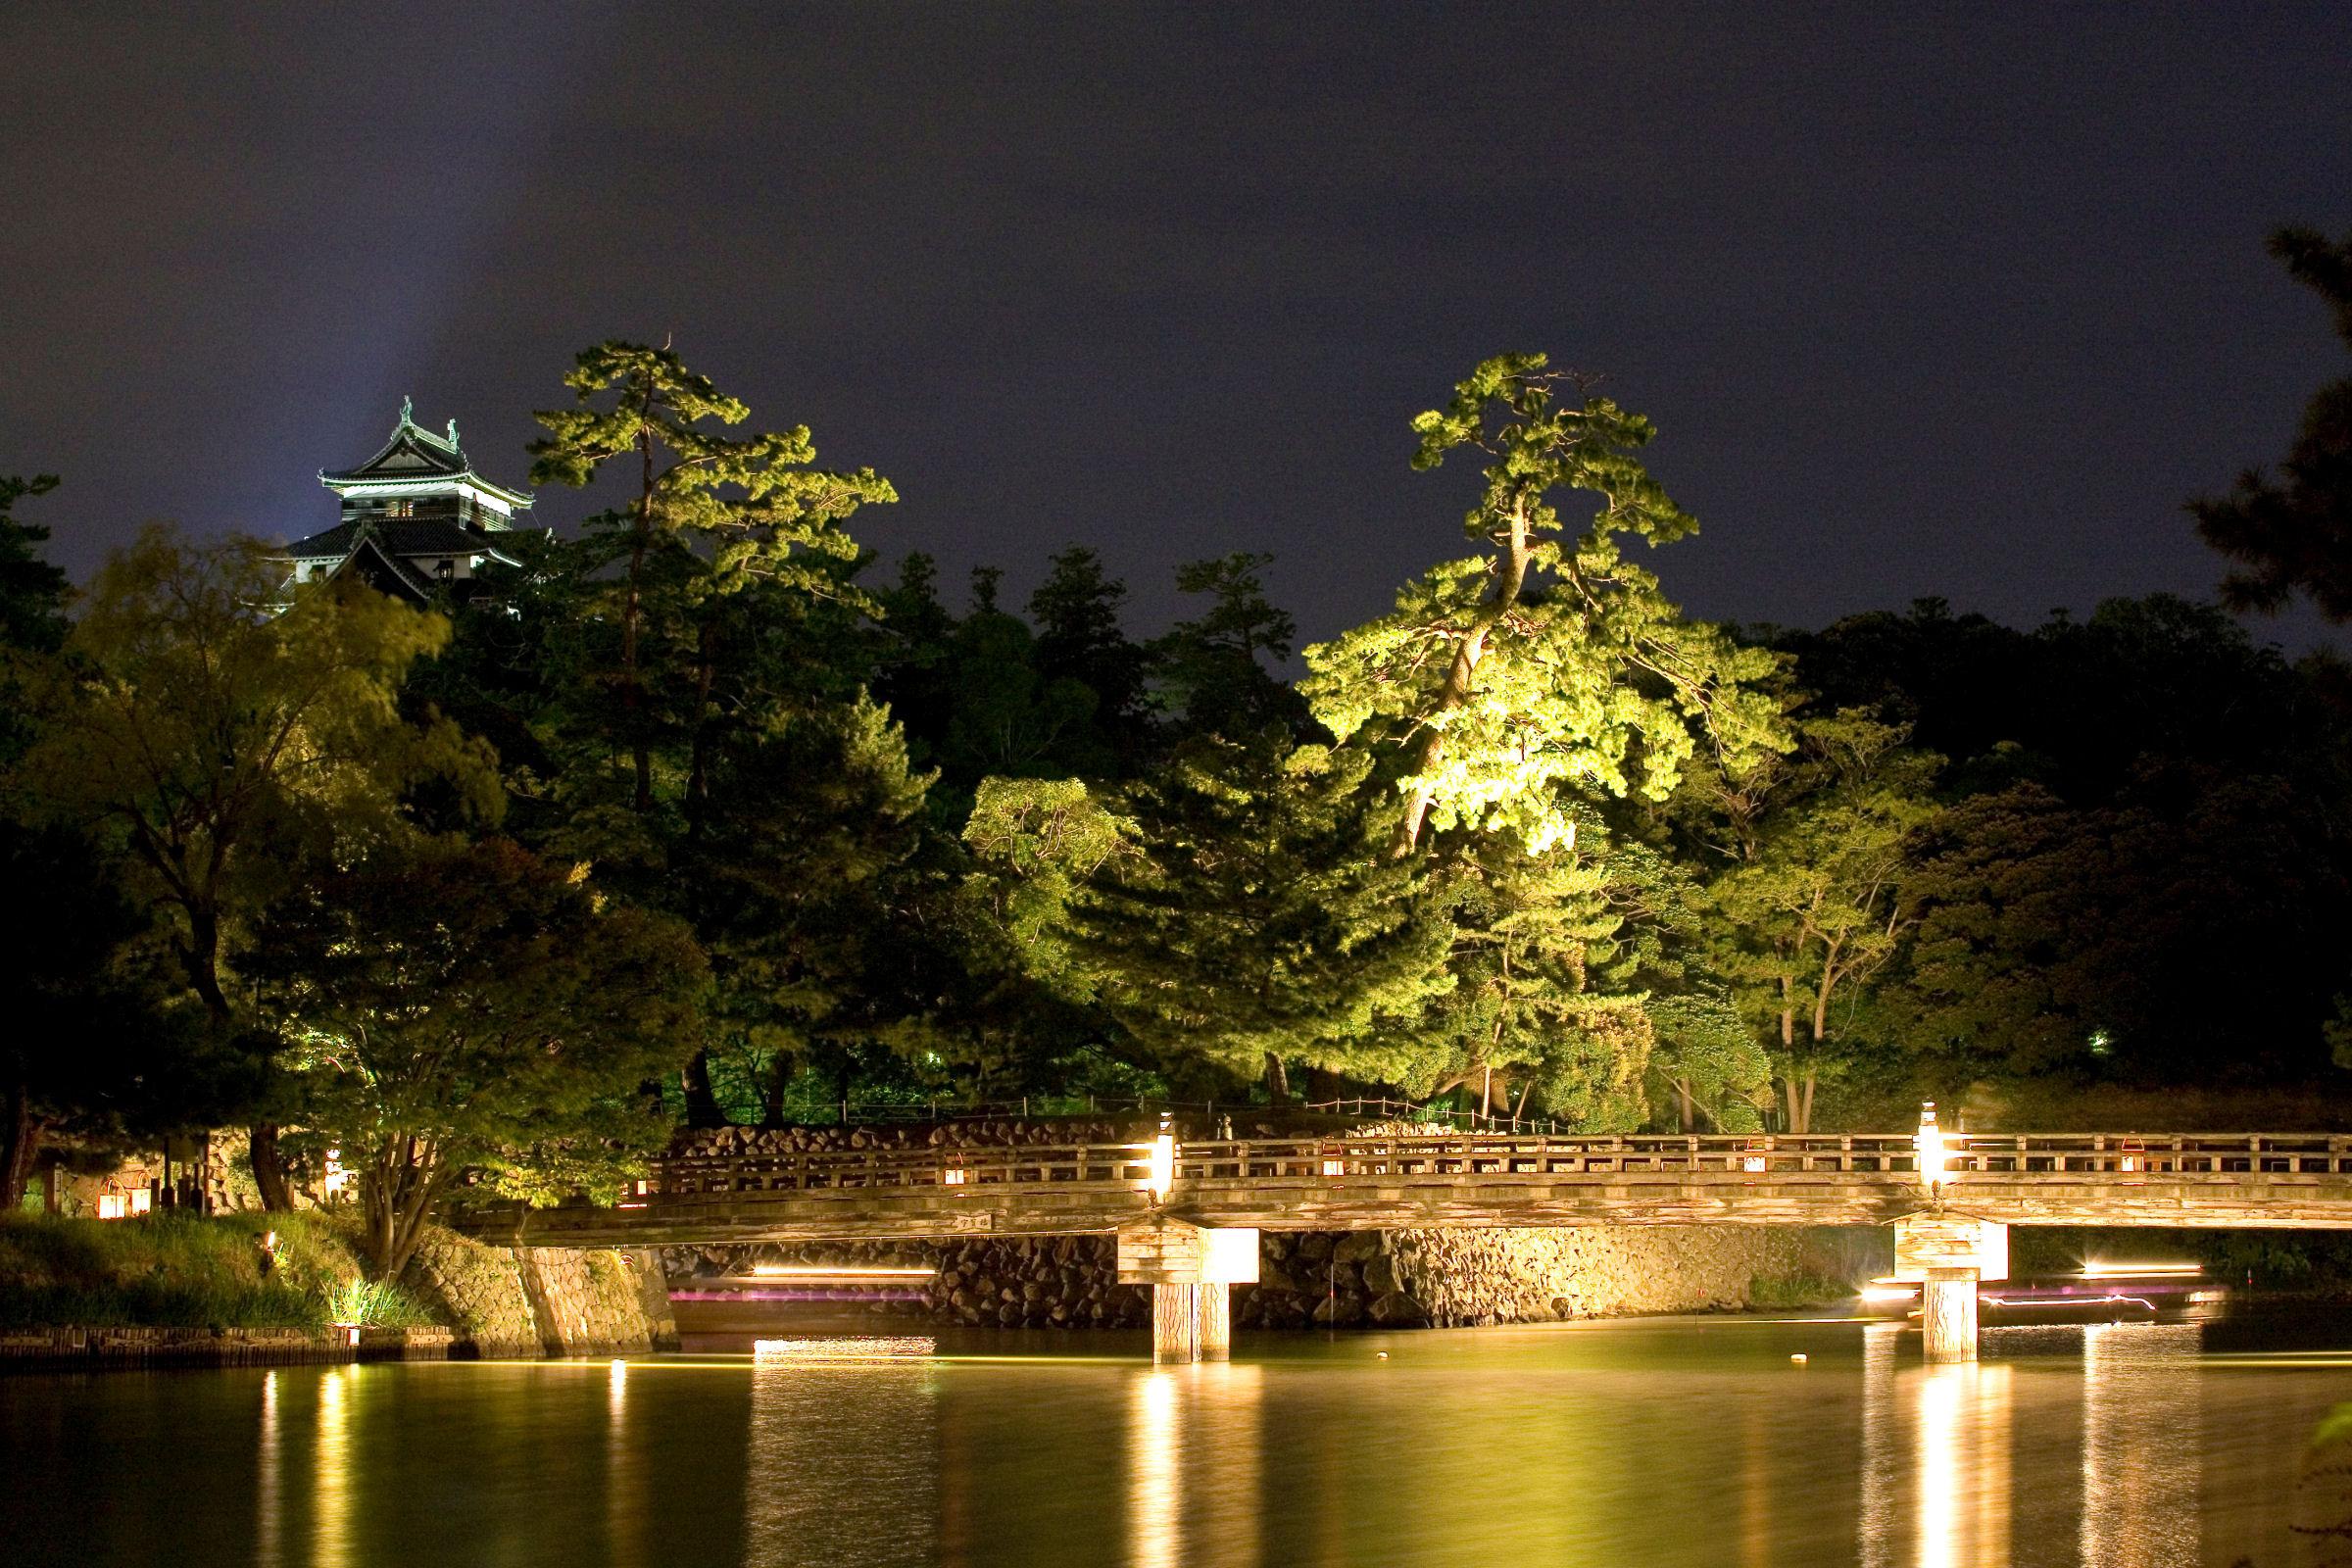 公園の外からでも美しい夜景が見られる